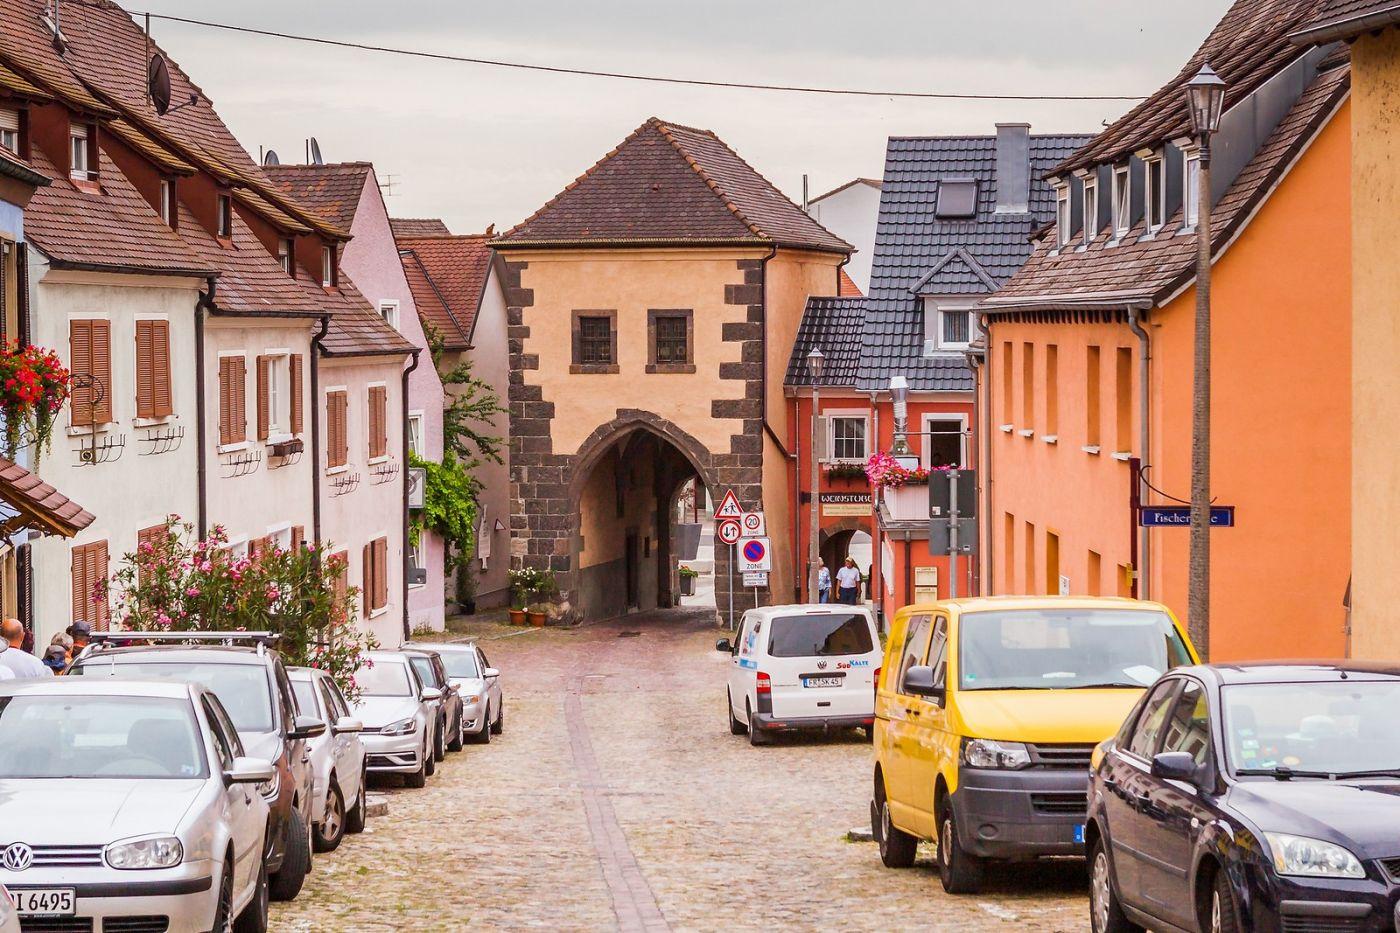 德国布赖萨赫(Breisach),城小历史久_图1-12